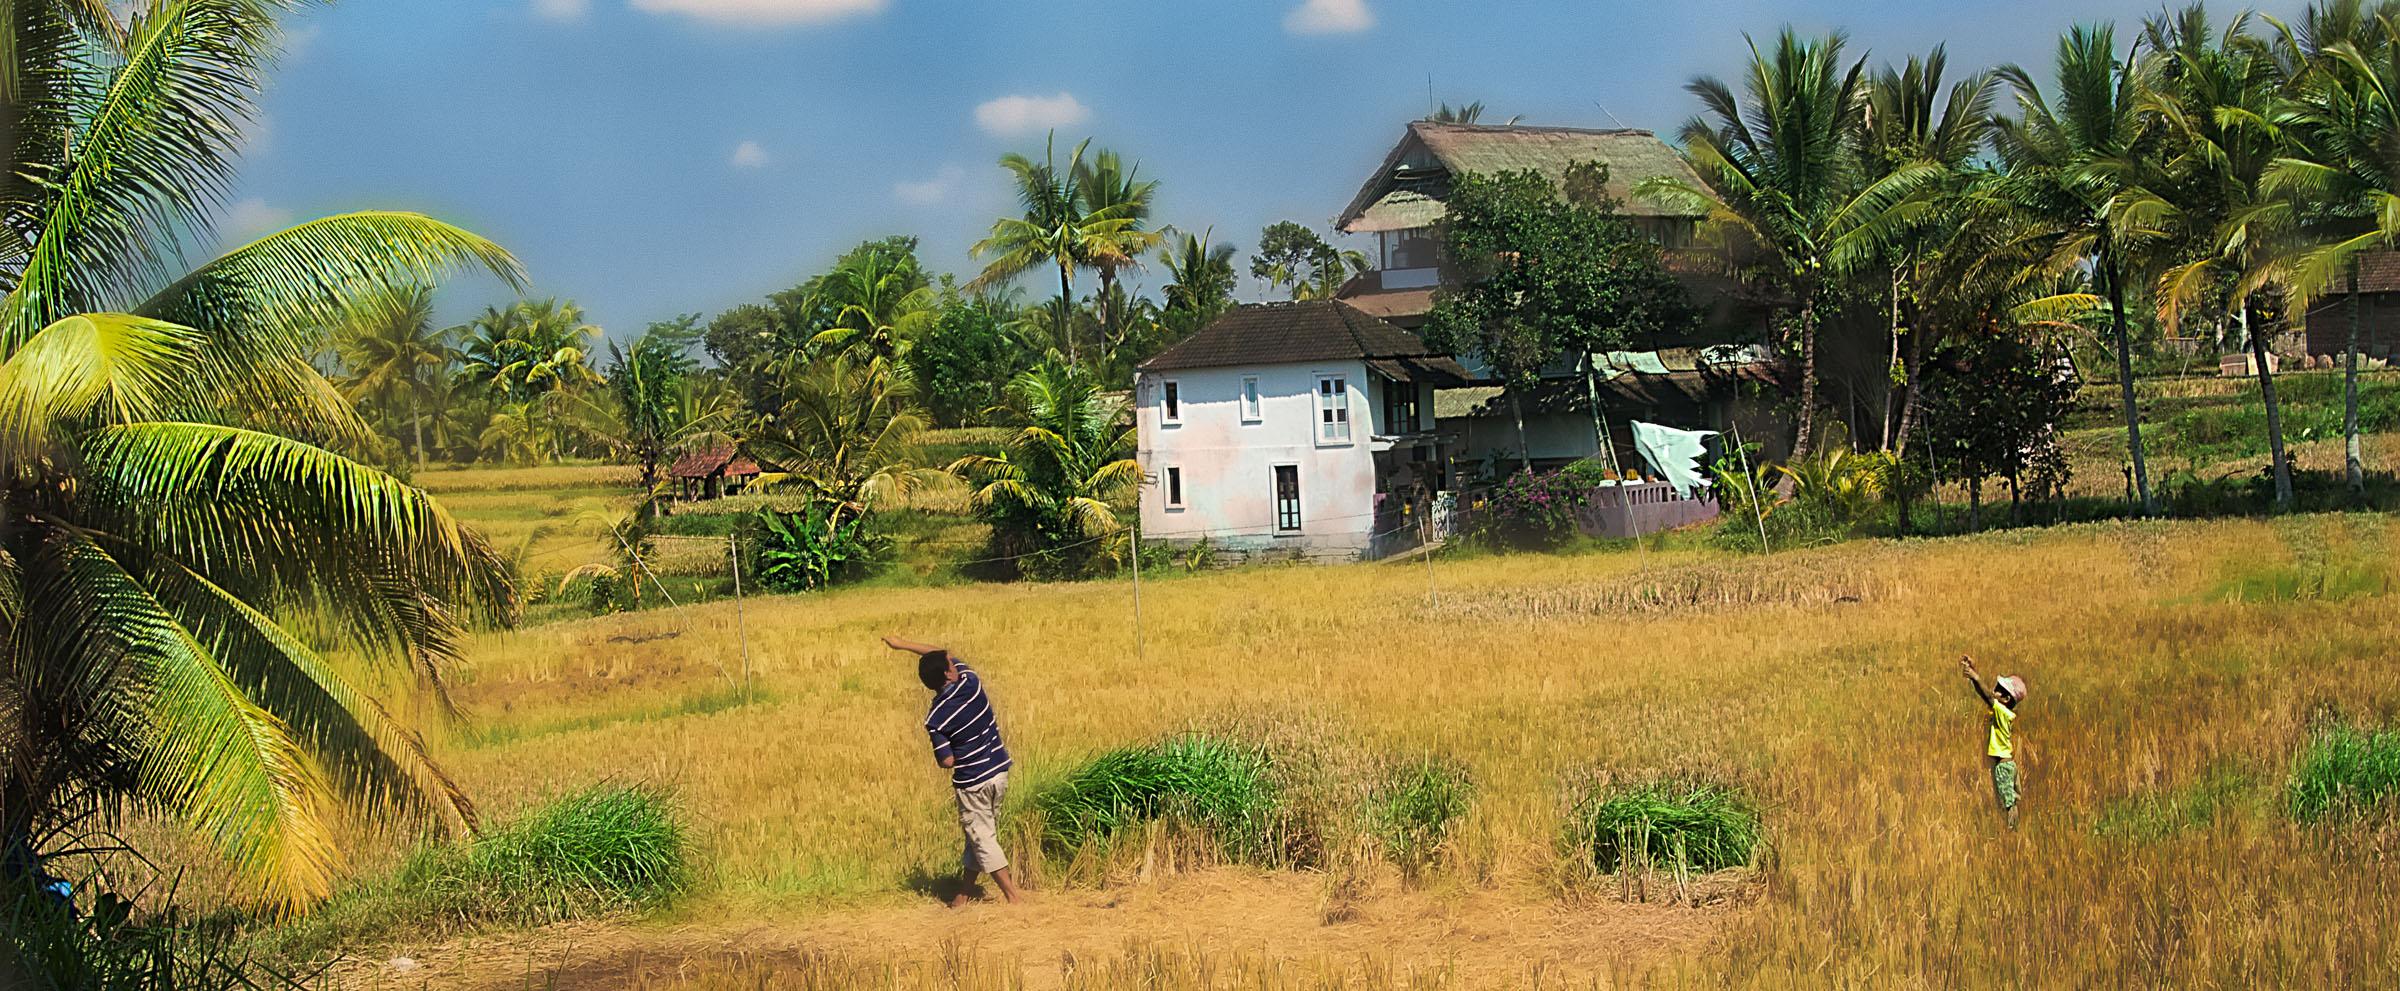 Bali Ubud - Iksa Menajang